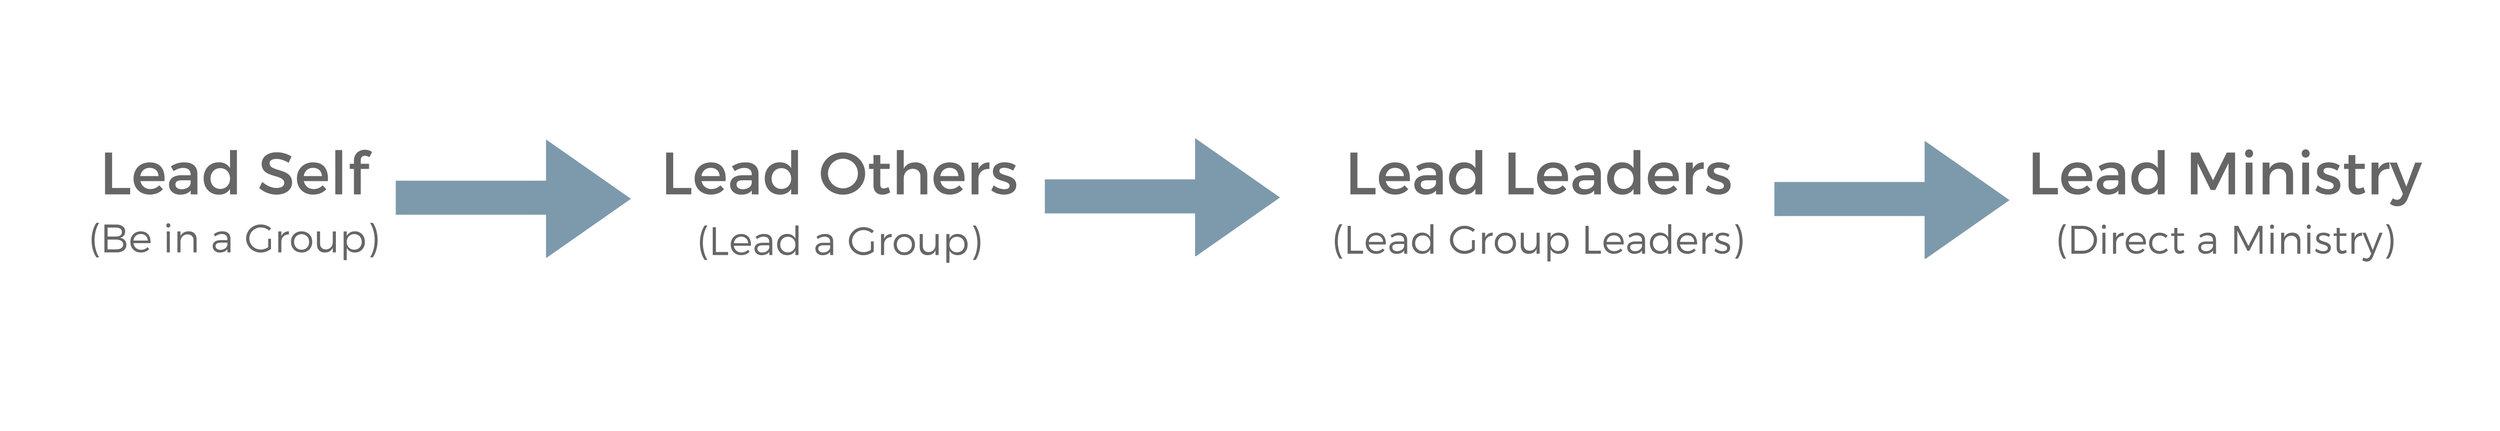 Leadership Pipeline.jpg